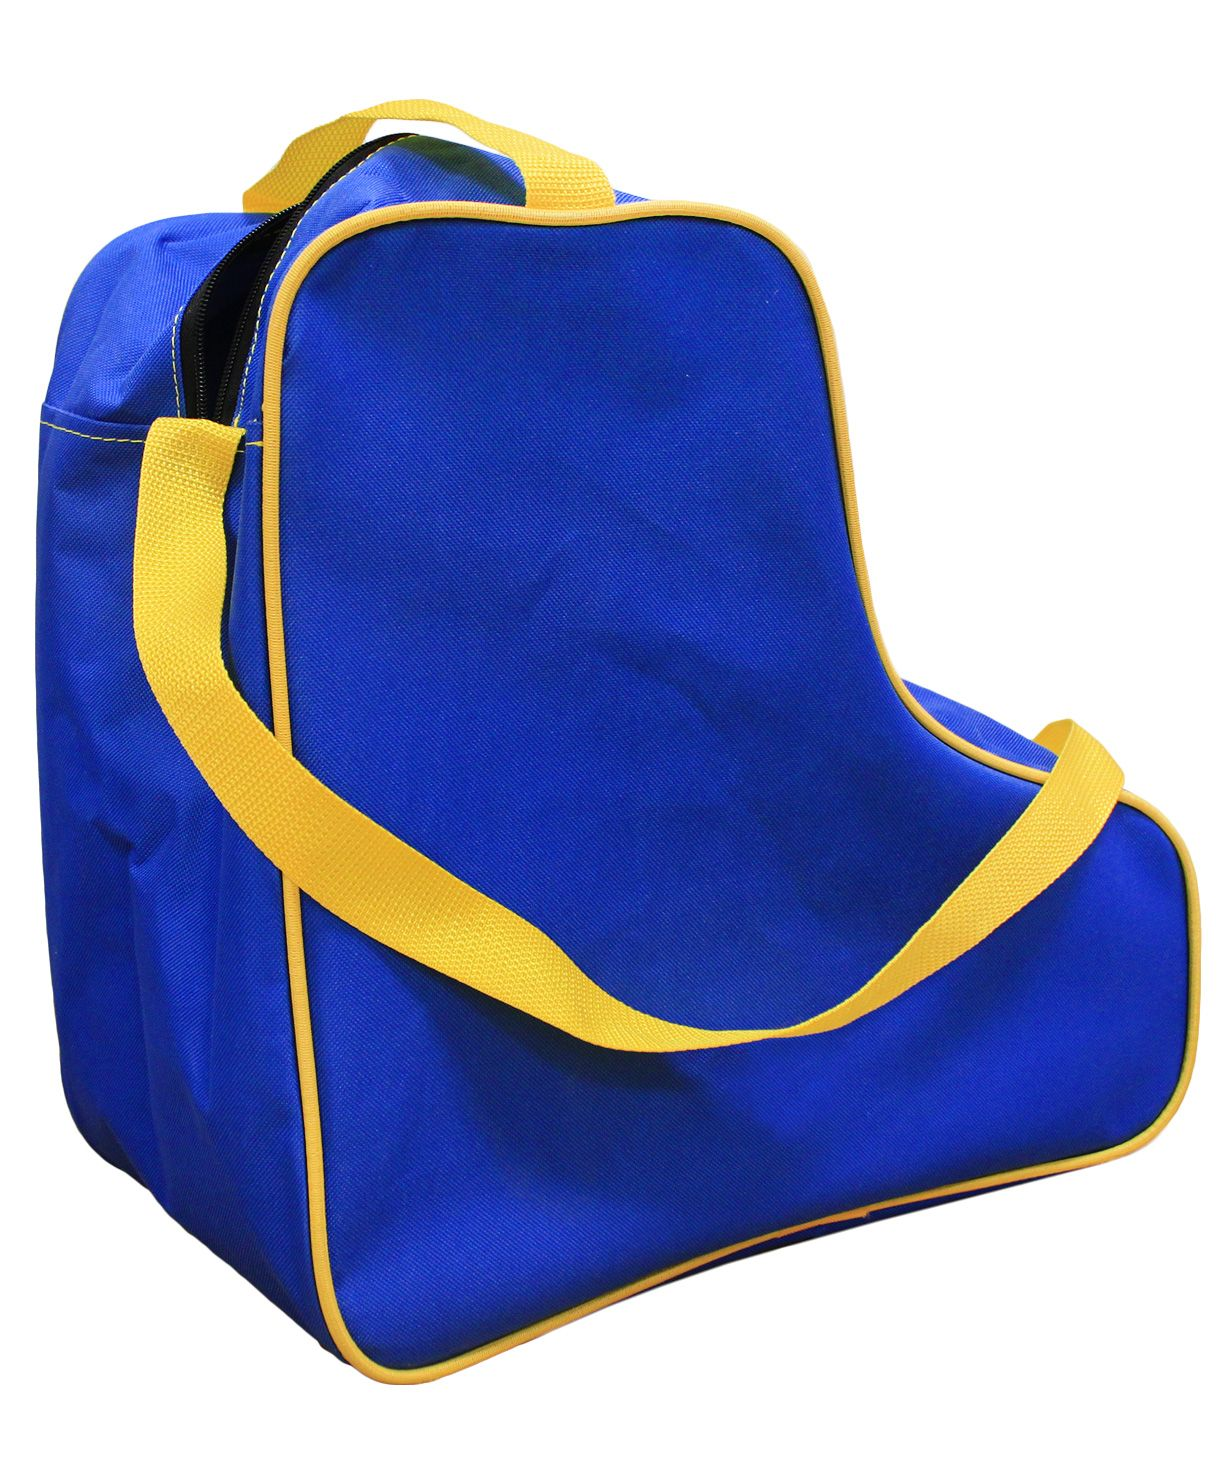 сумочки своими руками Органайзеры для сумки Обсуждение